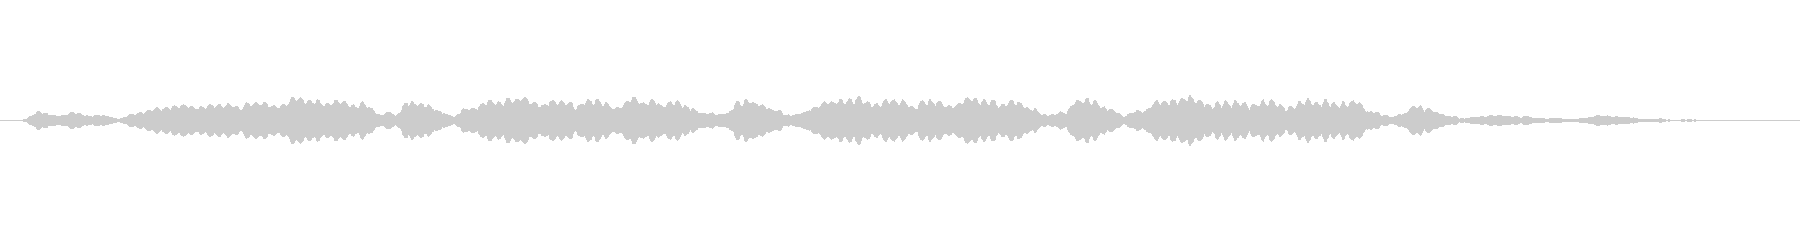 FI UFO フライステディスムース01の未再生の波形